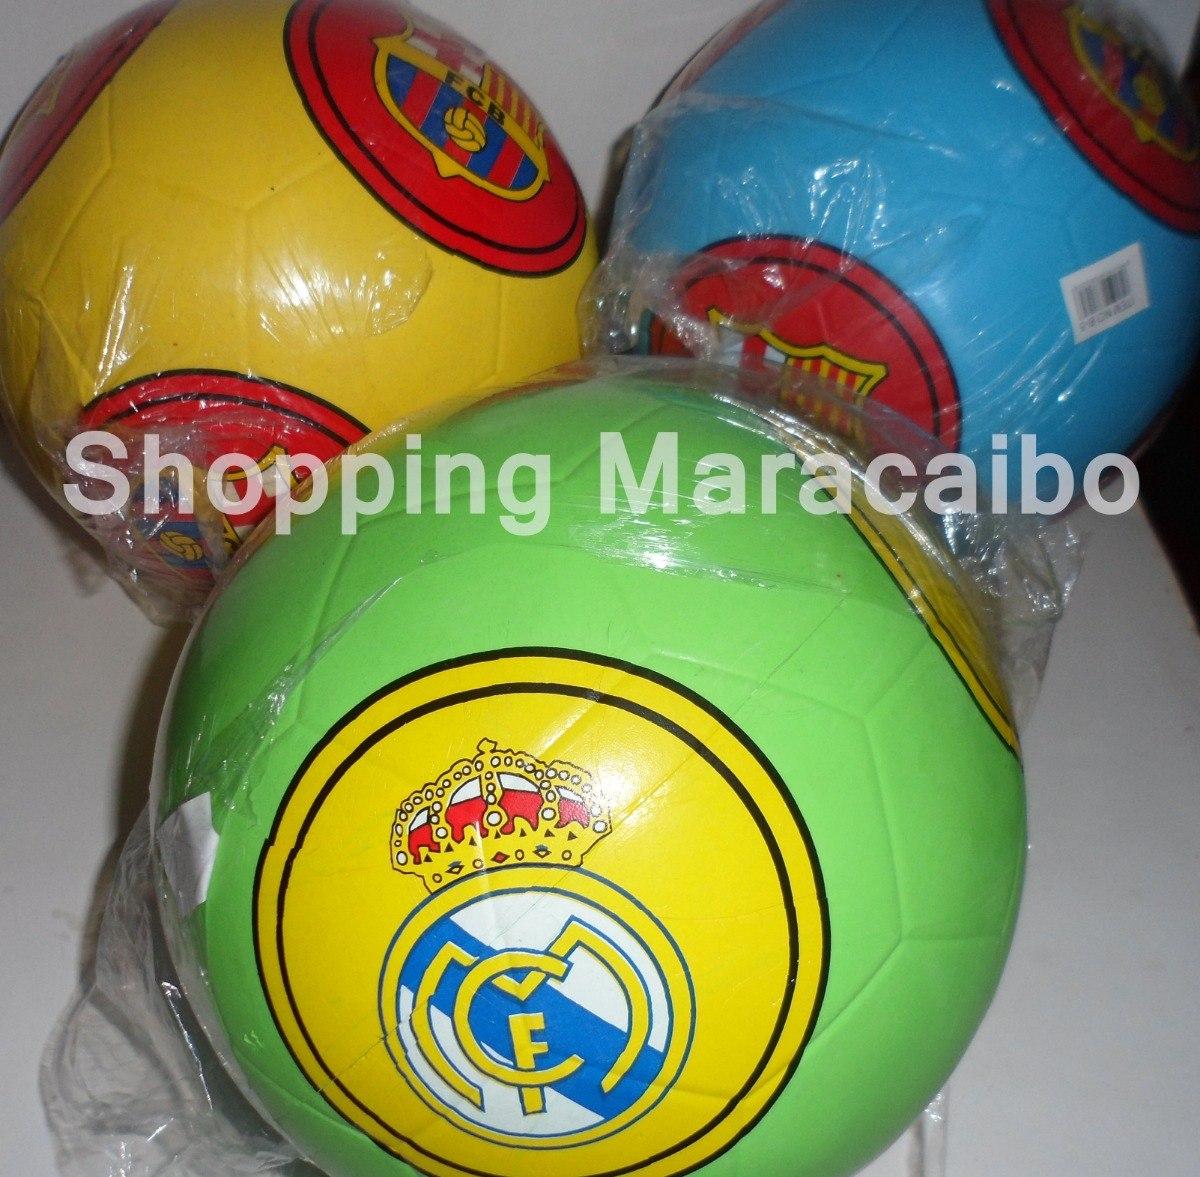 Balones De Football Real Madrid Y Barcelona Y Mas   Tienda - Bs. 20.400 44bf2e6fd14